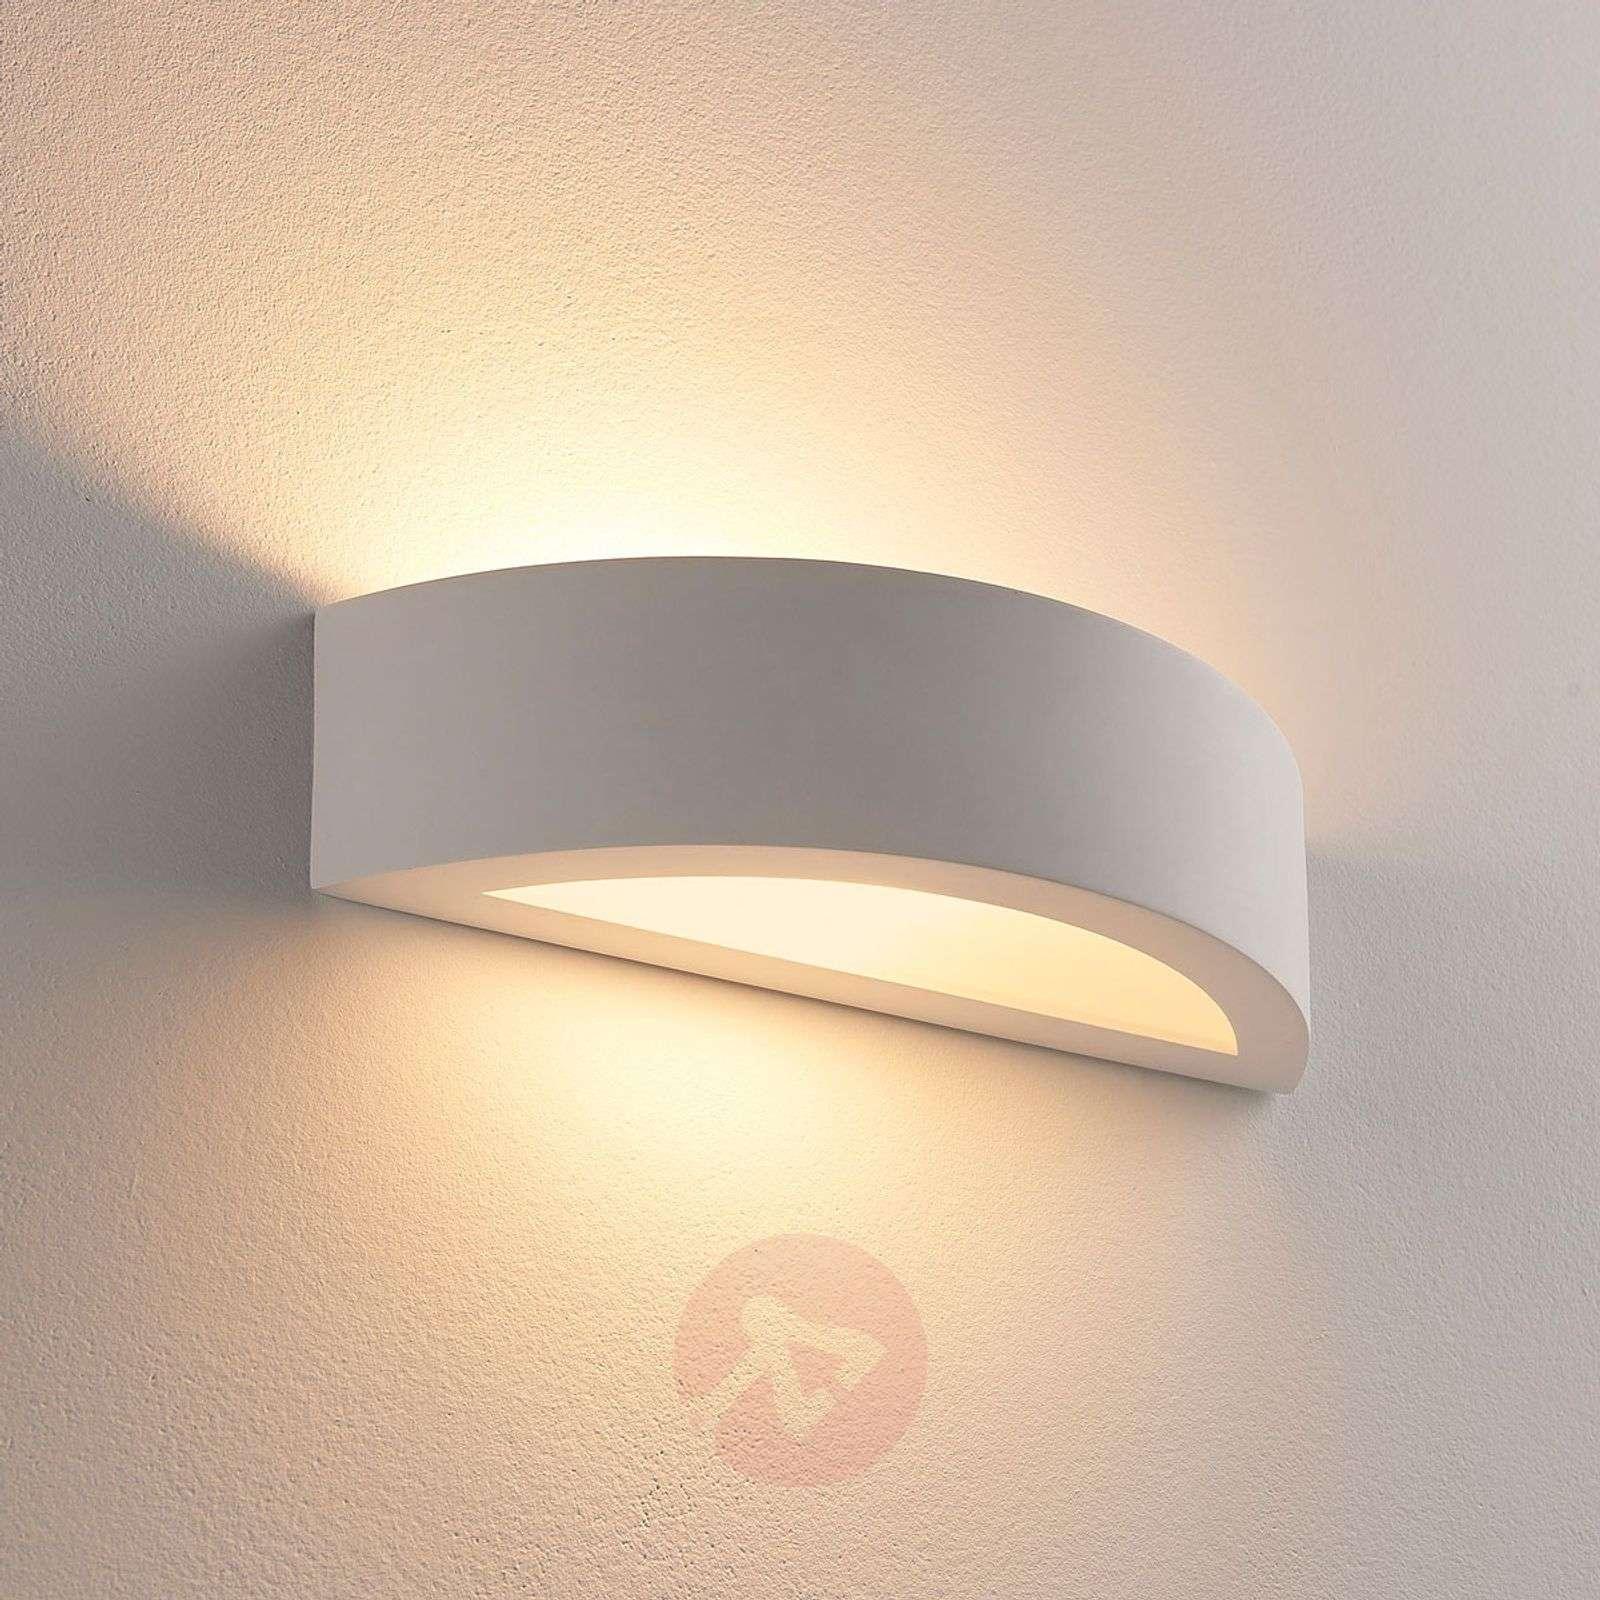 Puolipyöreä kipsiseinävalaisin Aurel, Easydim-LED-9621321-01